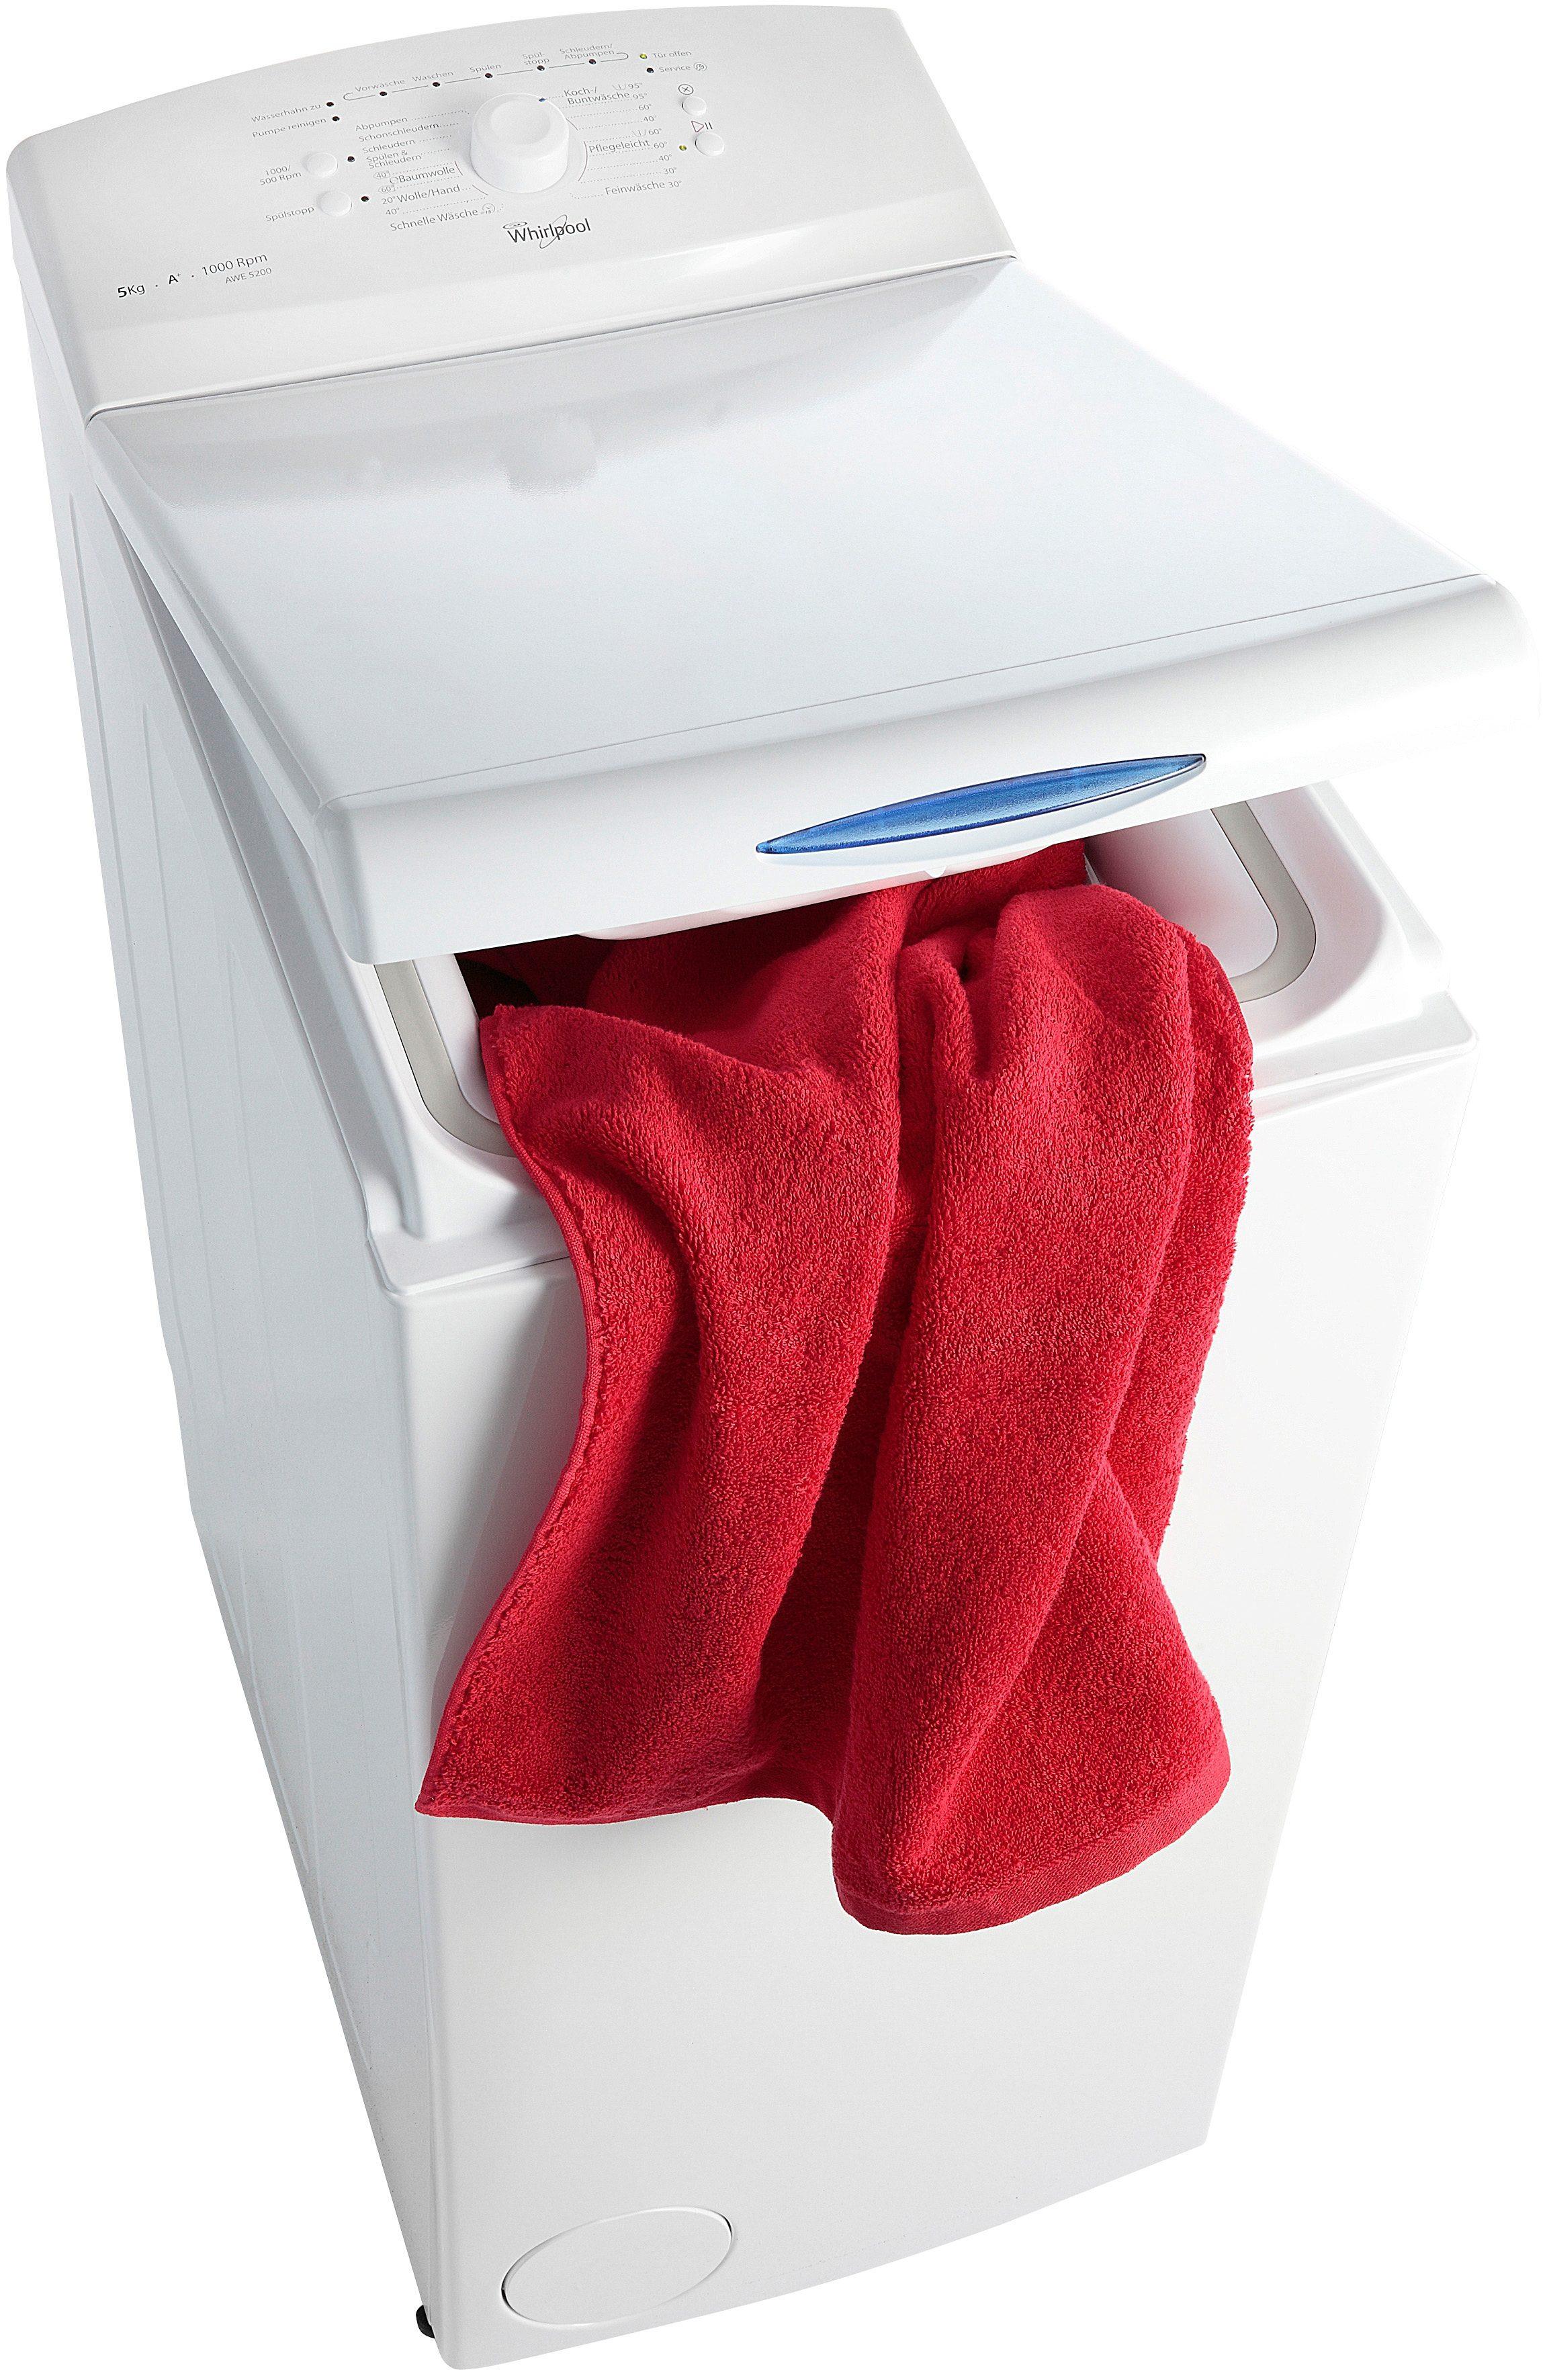 Whirlpool Waschmaschine Toplader AWE 5200, A+, 5 kg, 1000 U/Min